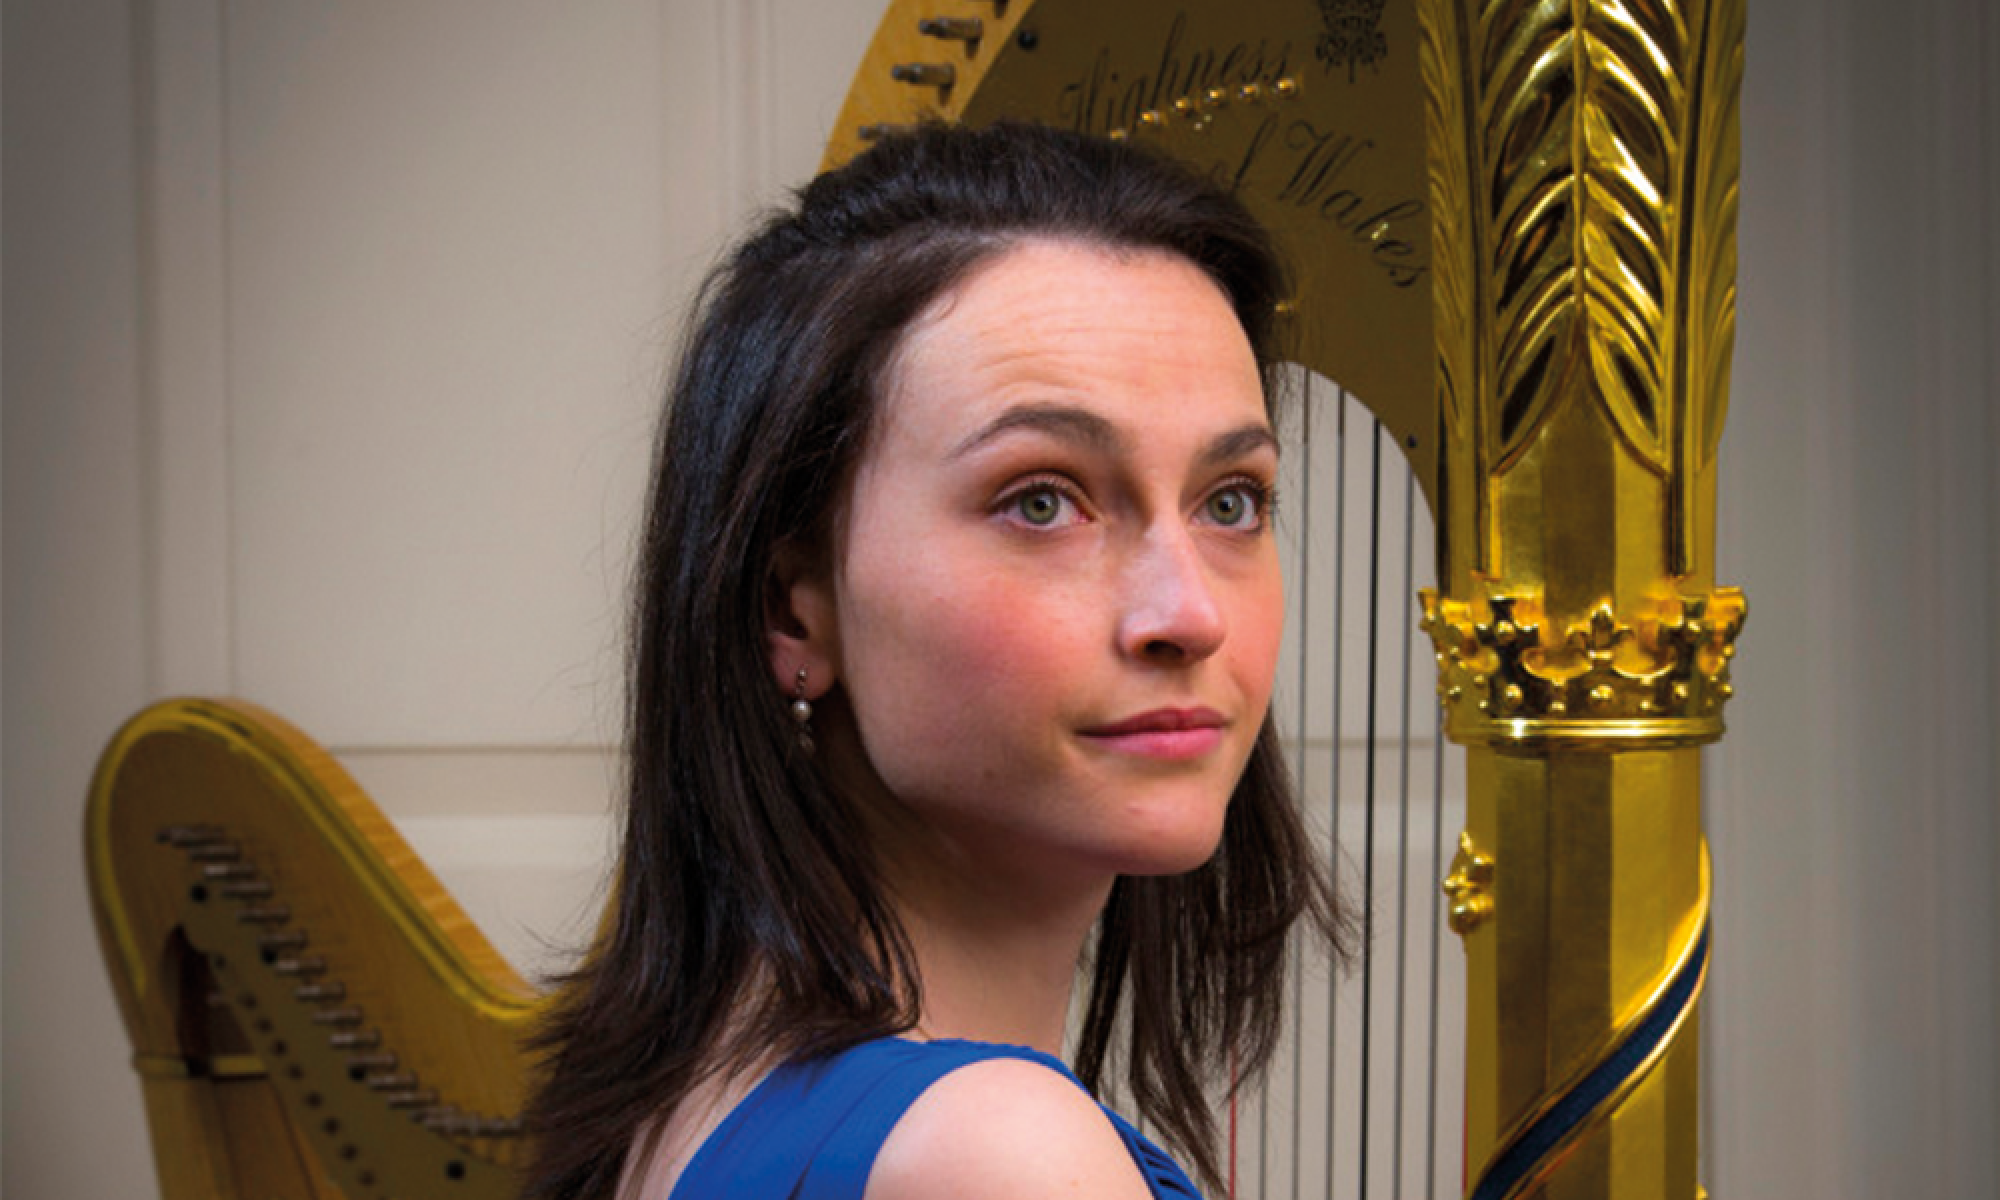 Anne Denholm Official Harpist for HRH Prince of Wales